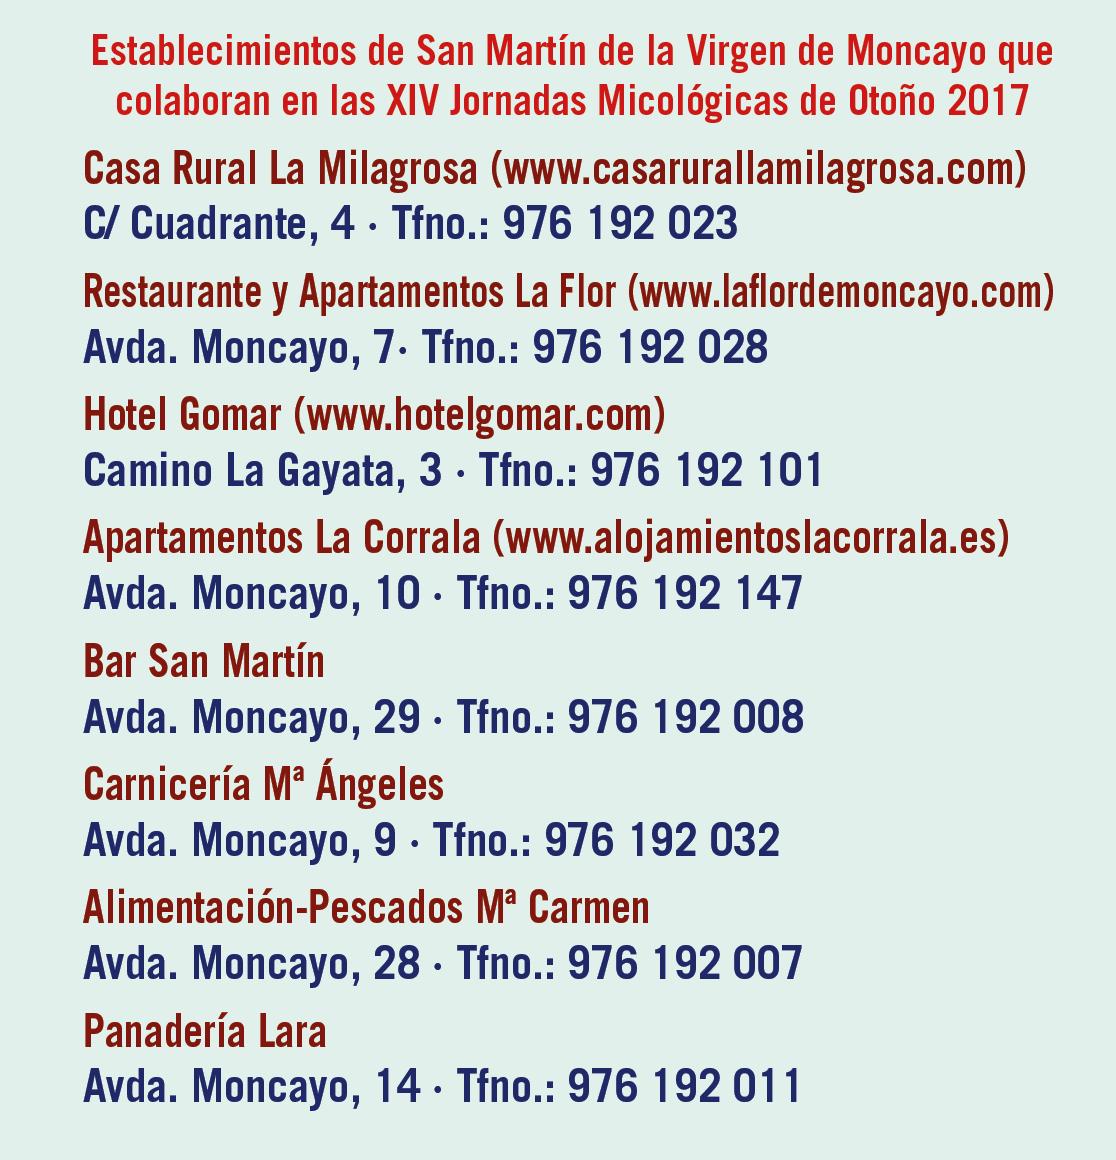 XIV Jornadas Micológicas Otoño 2017 #MicoMoncayo - San Martín de la Virgen de Moncayo - Establecimientos colaboradores